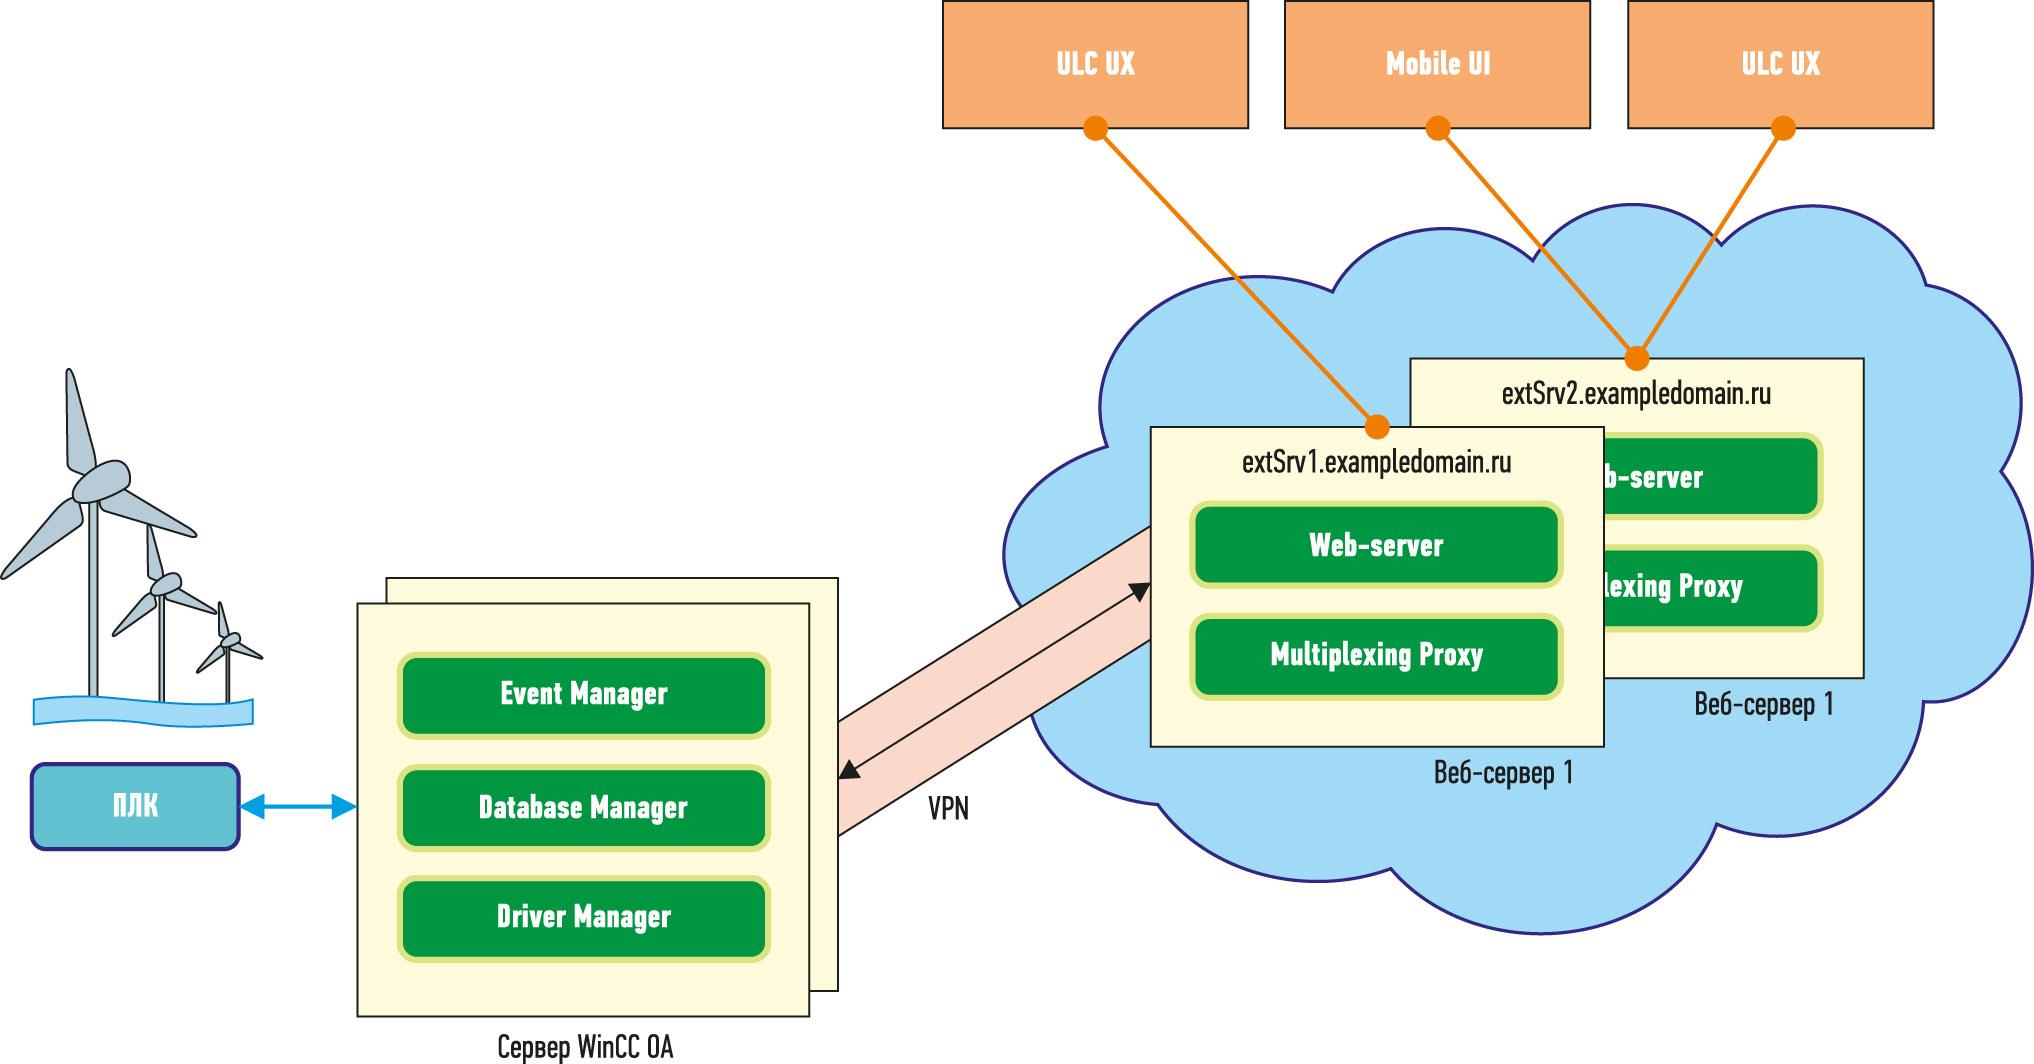 Рис. 7. Облачная конфигурация системы с выделенным веб-сервером